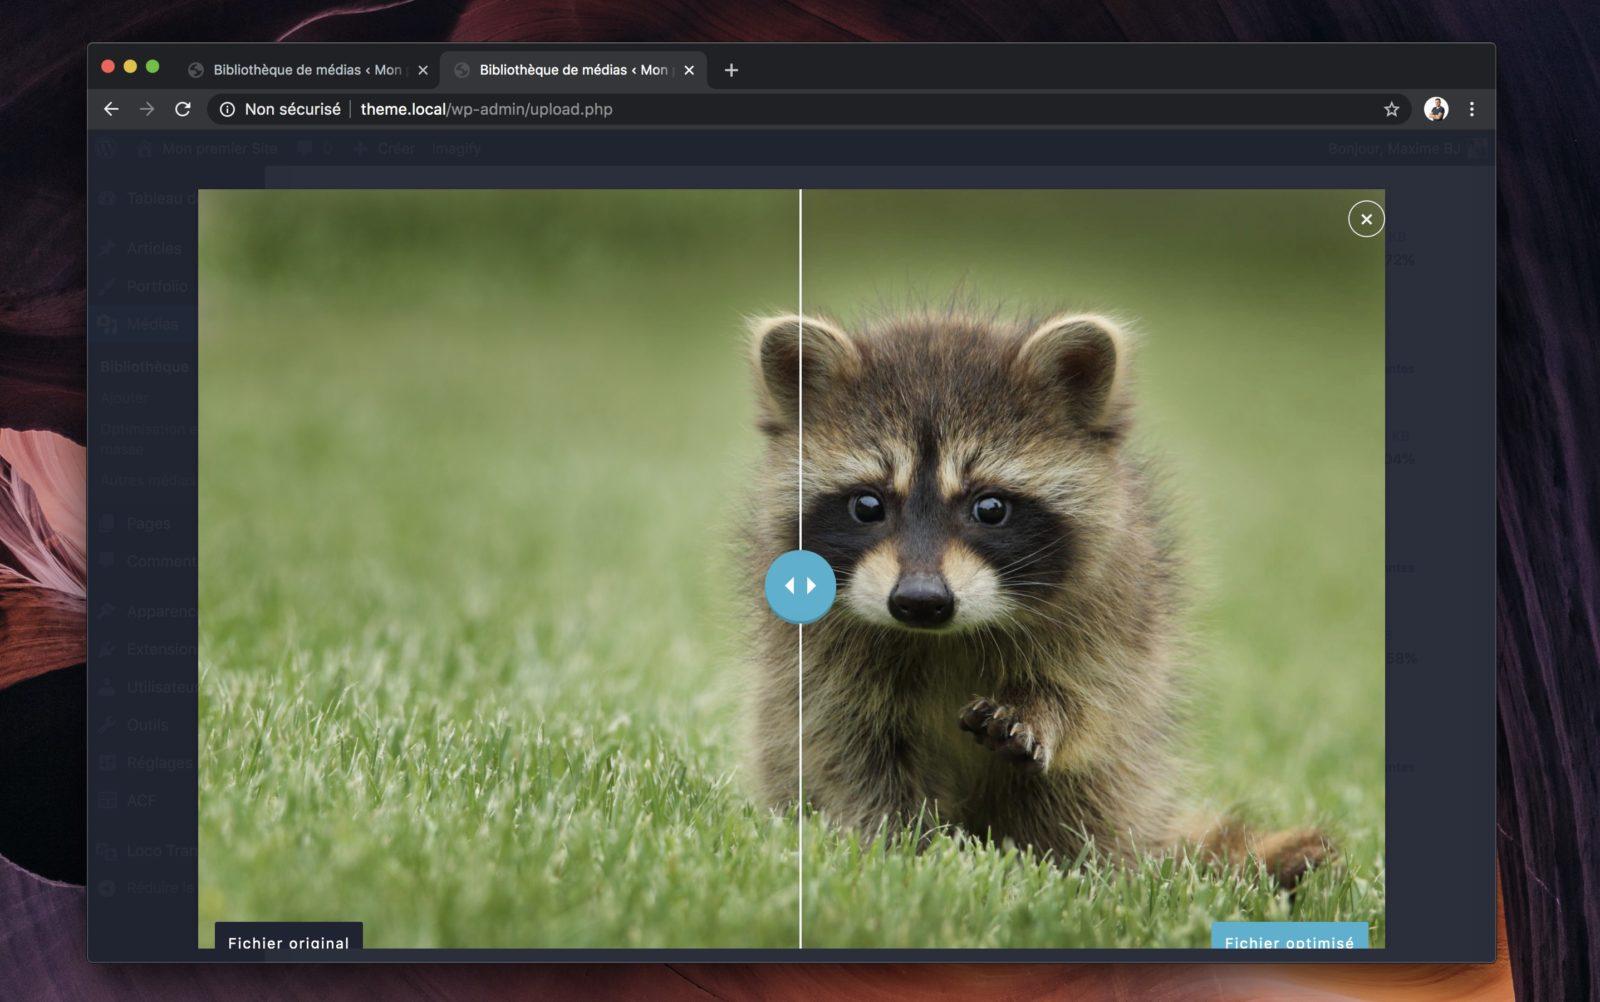 Capture d'écran du comparateur d'image Imagify : à gauche, l'image originale, à droite l'image optimisée